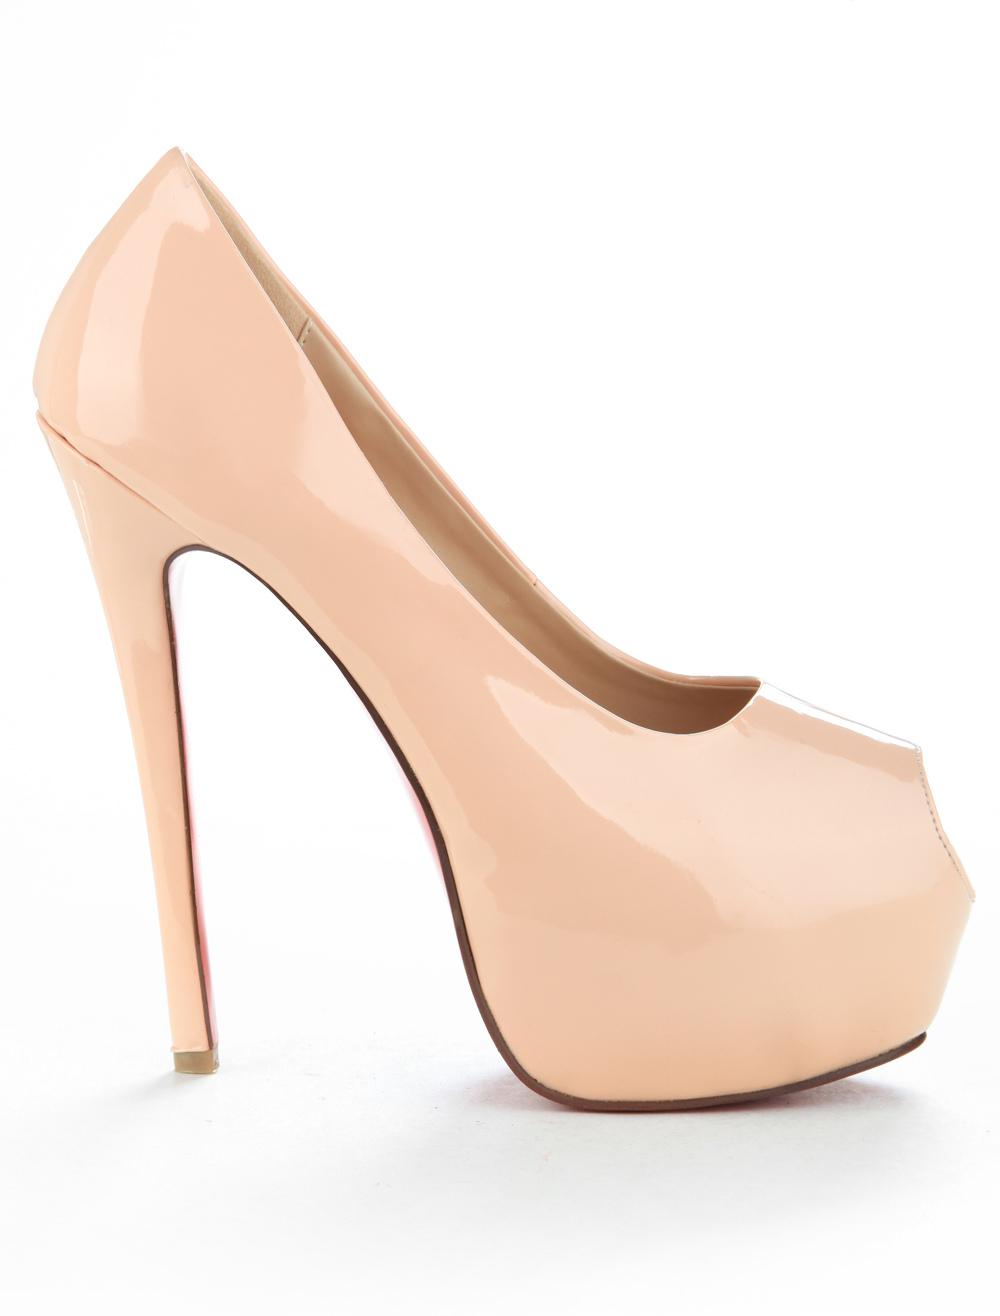 Nude Peep Toe Platform Heels